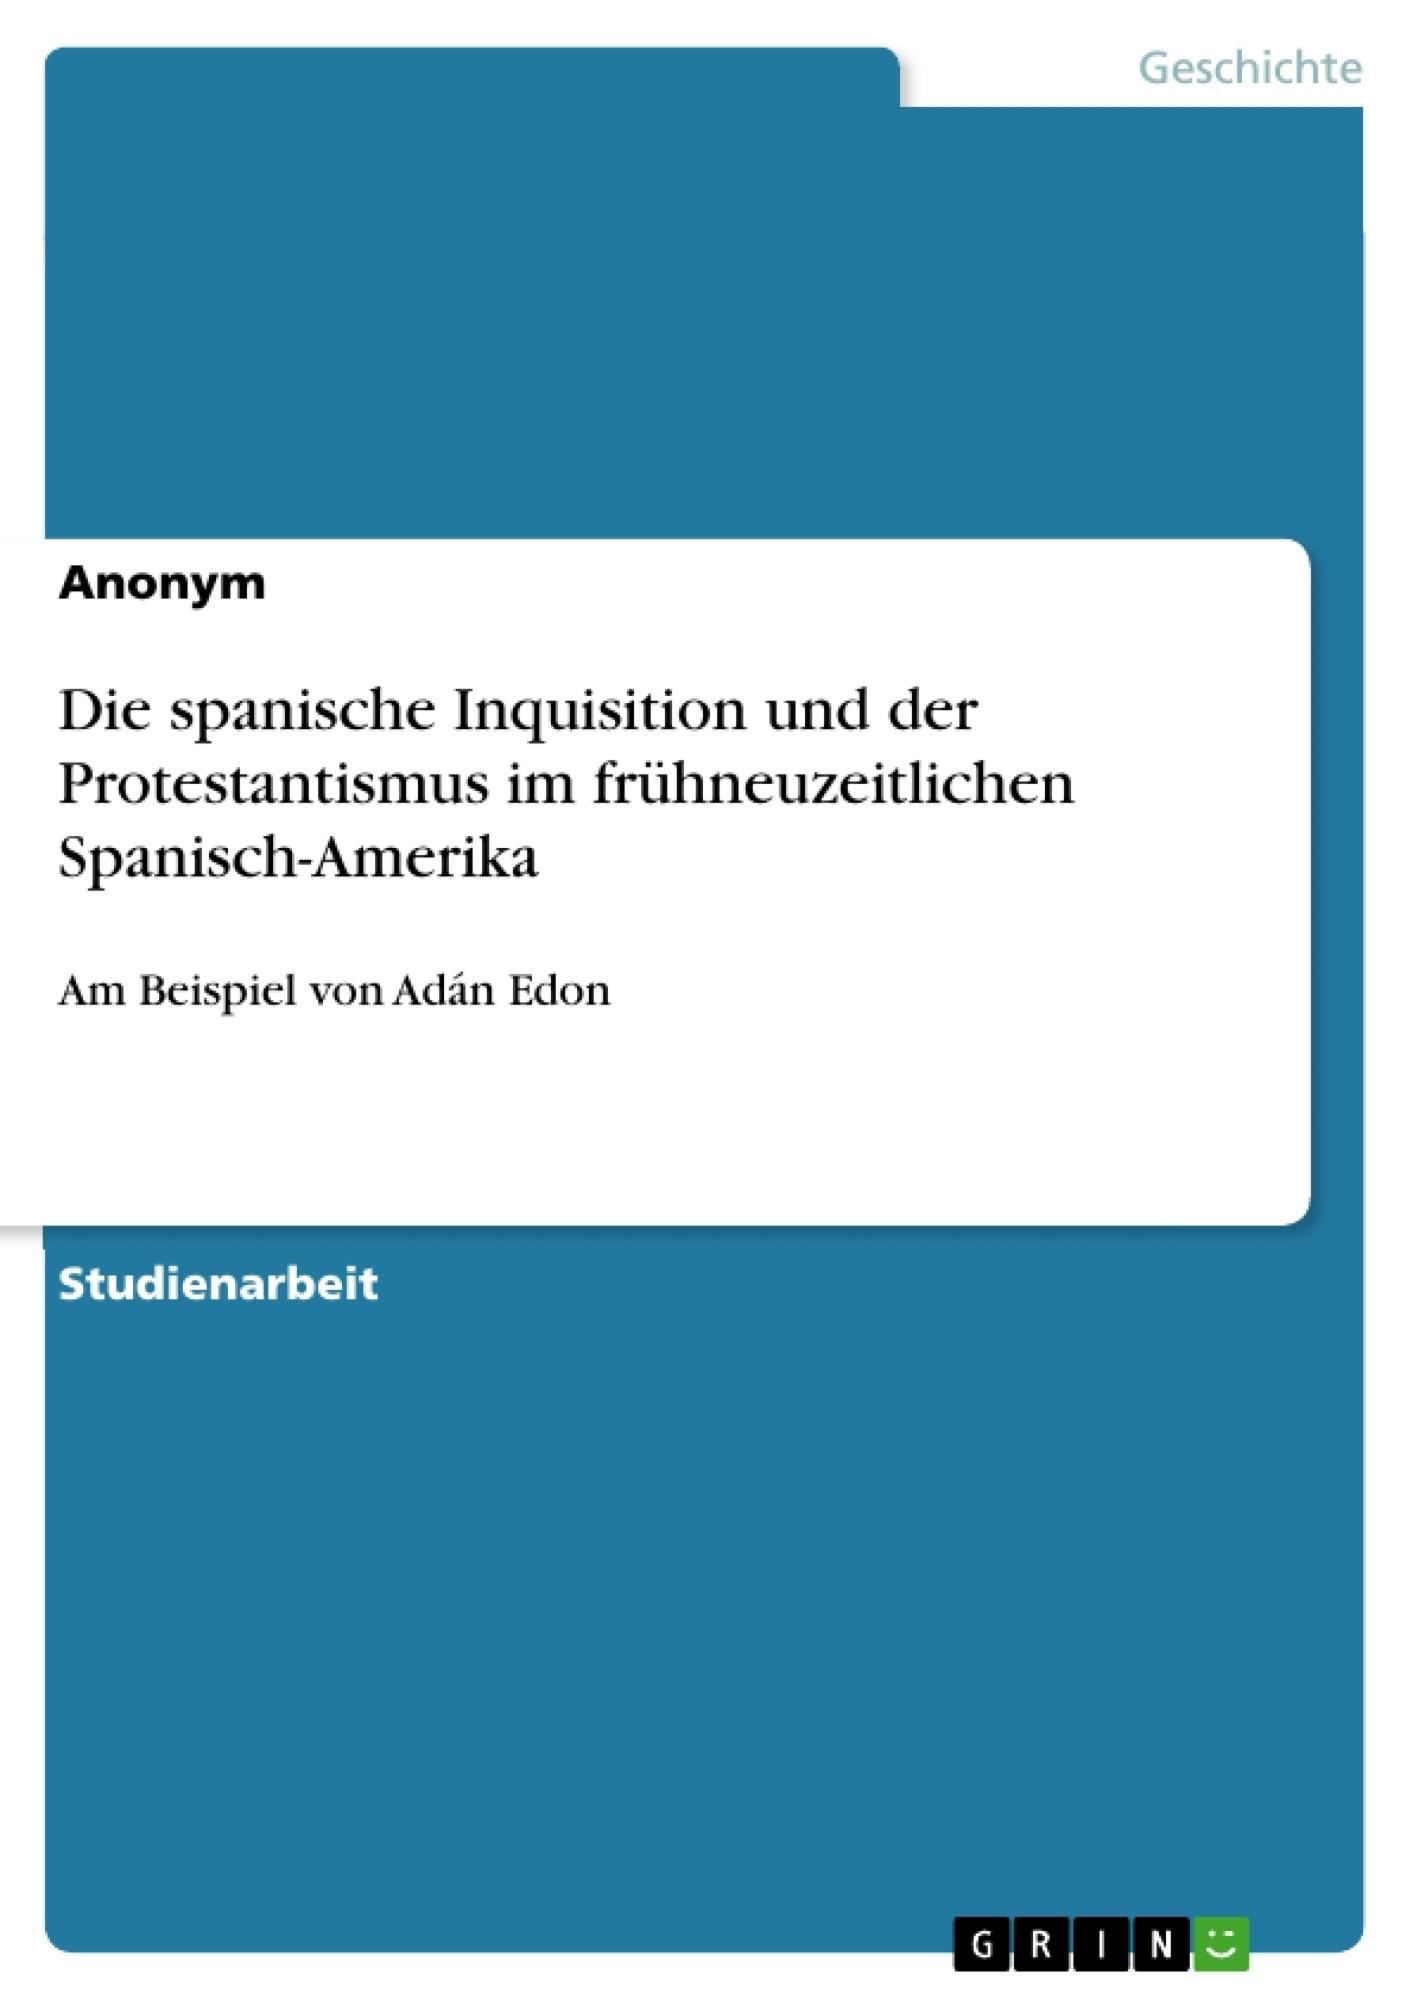 Titel: Die spanische Inquisition und der Protestantismus im frühneuzeitlichen Spanisch-Amerika